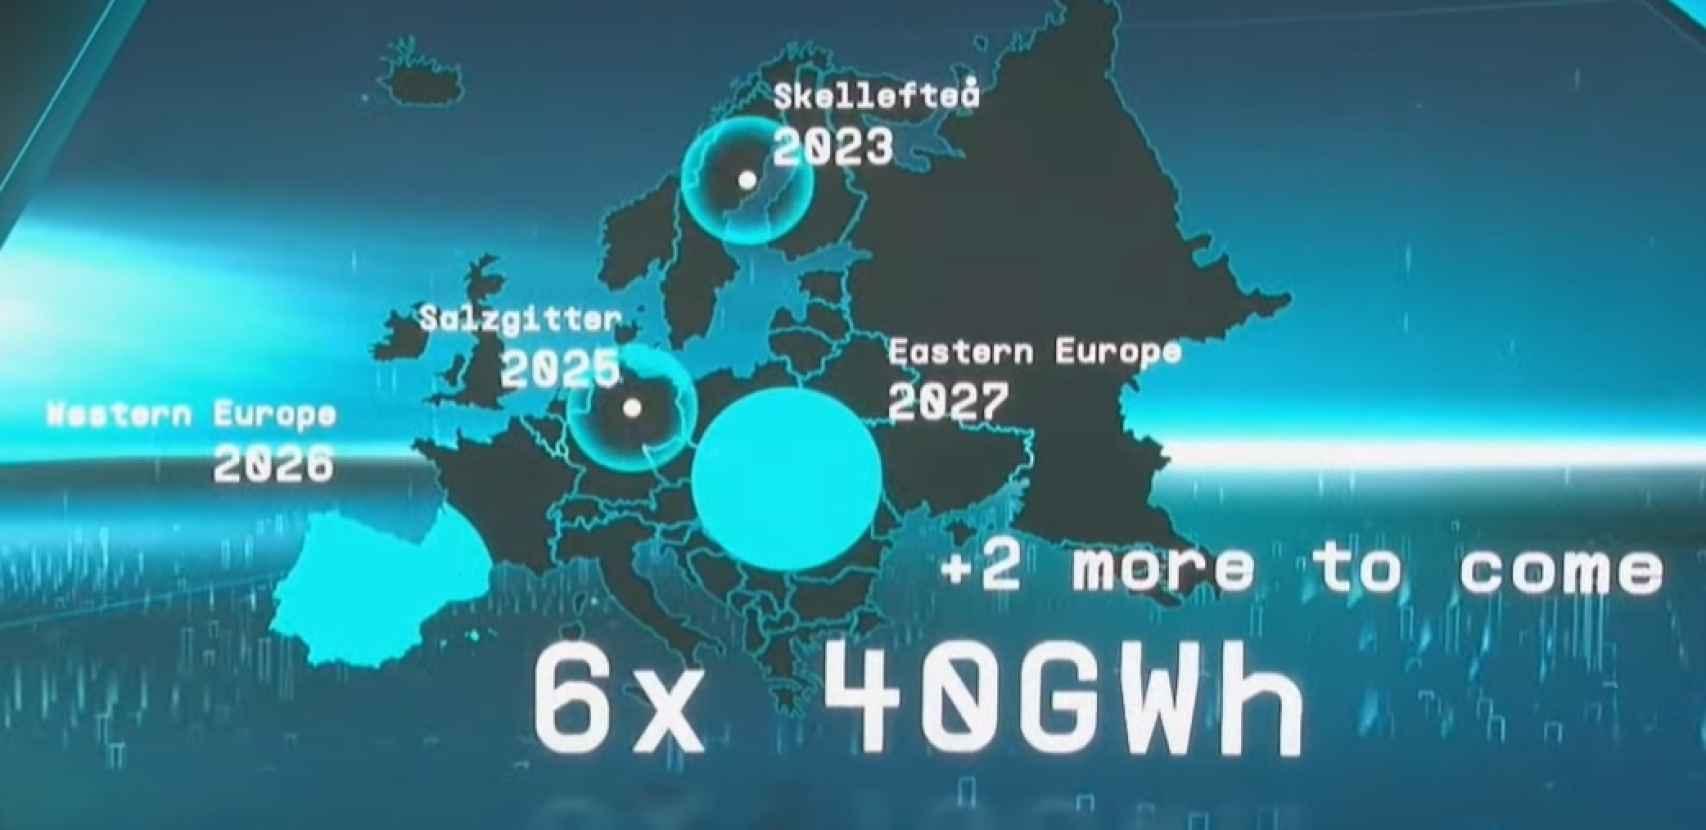 Imagen de los proyectos de plantas del grupo Volkswagen para Europa.